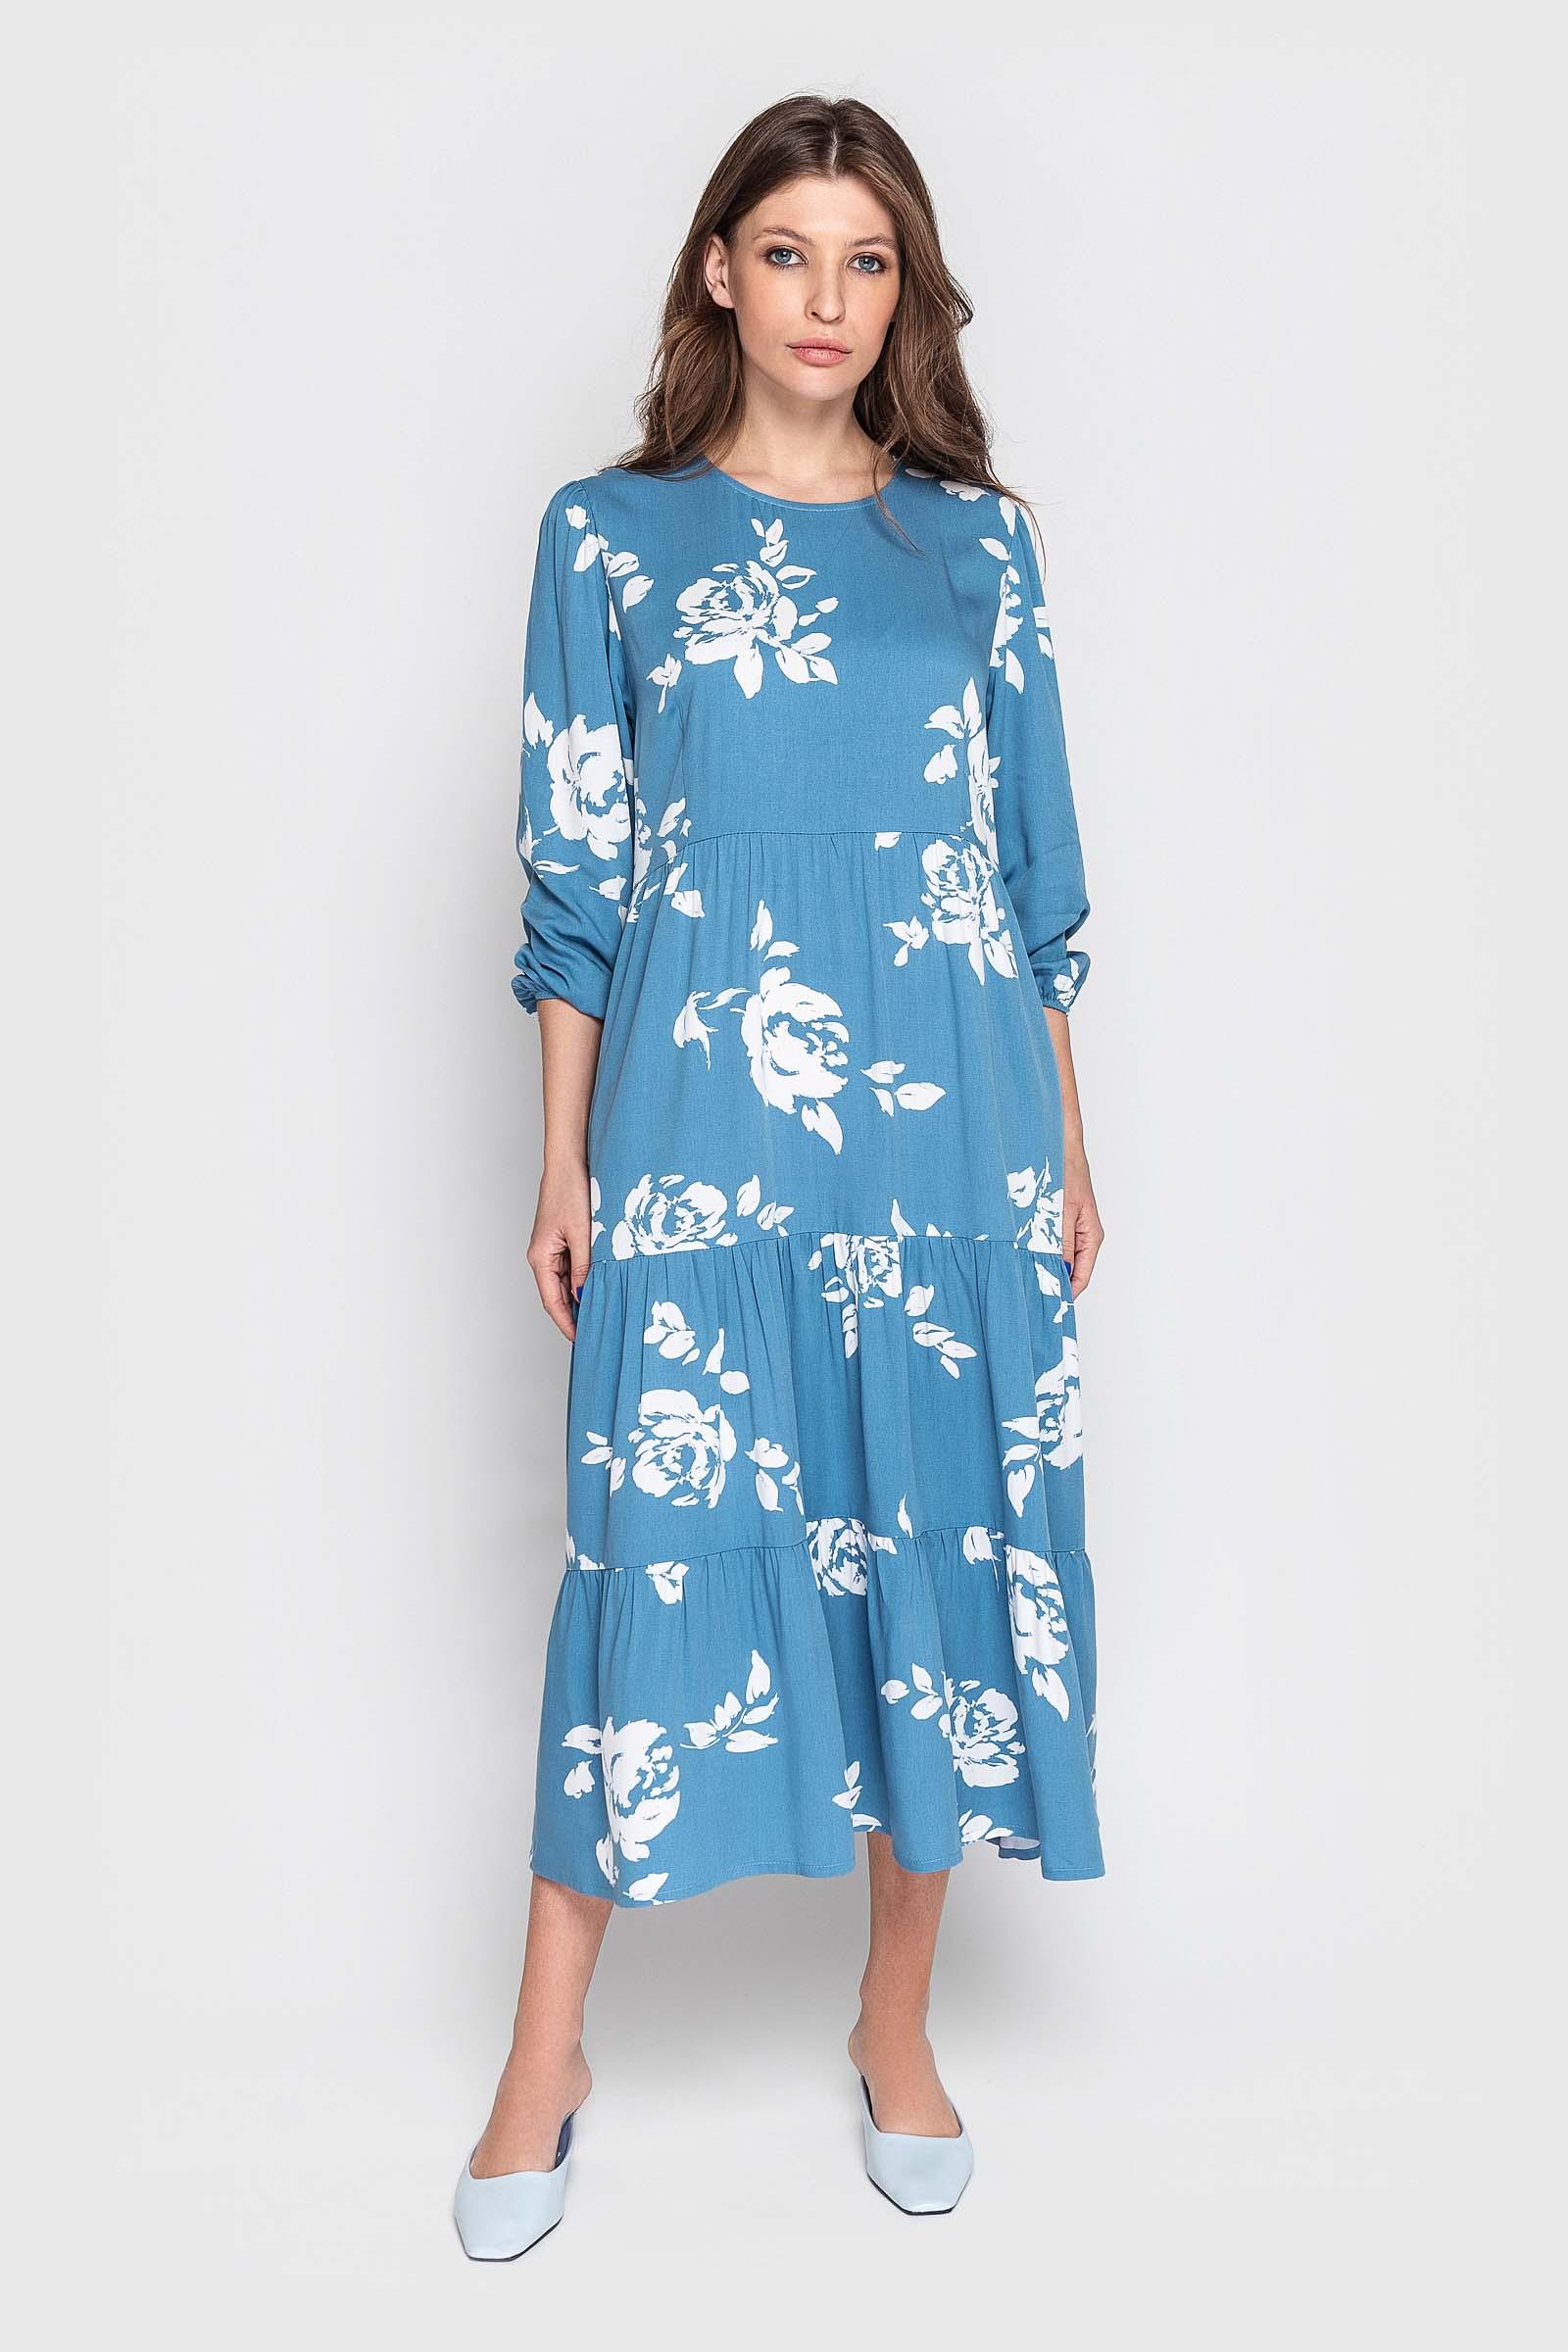 2021 04 10 poltava30276 Купить платье